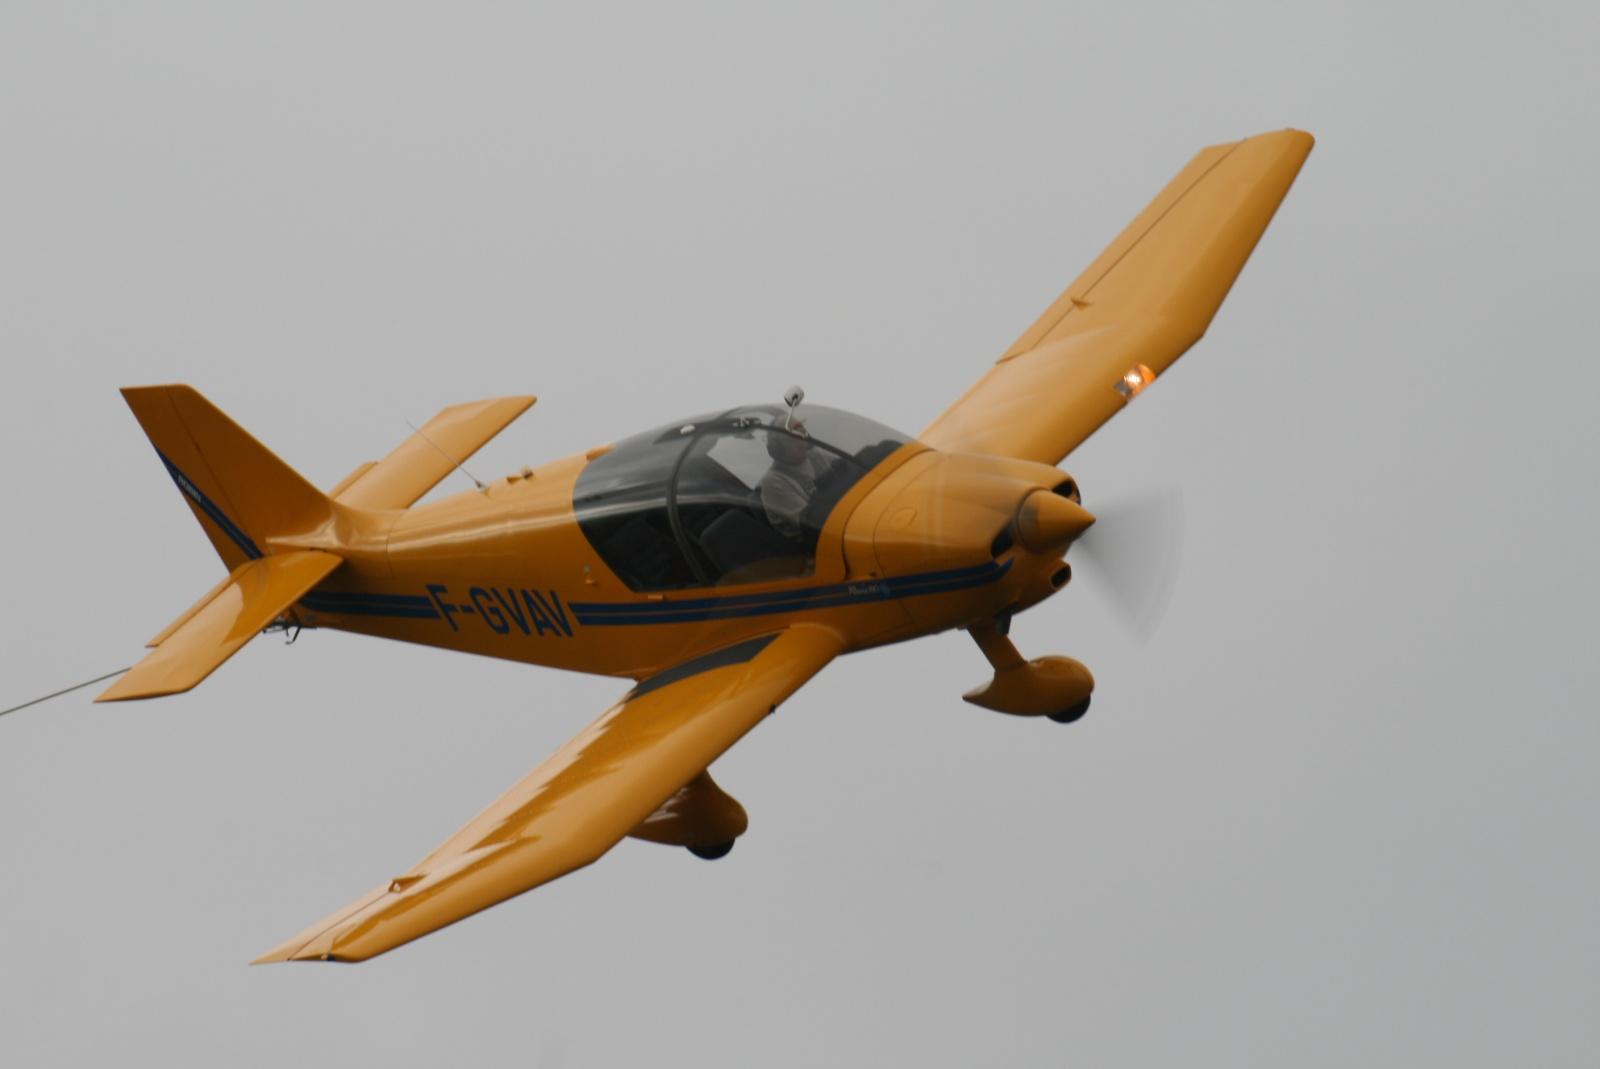 DR400 180-R